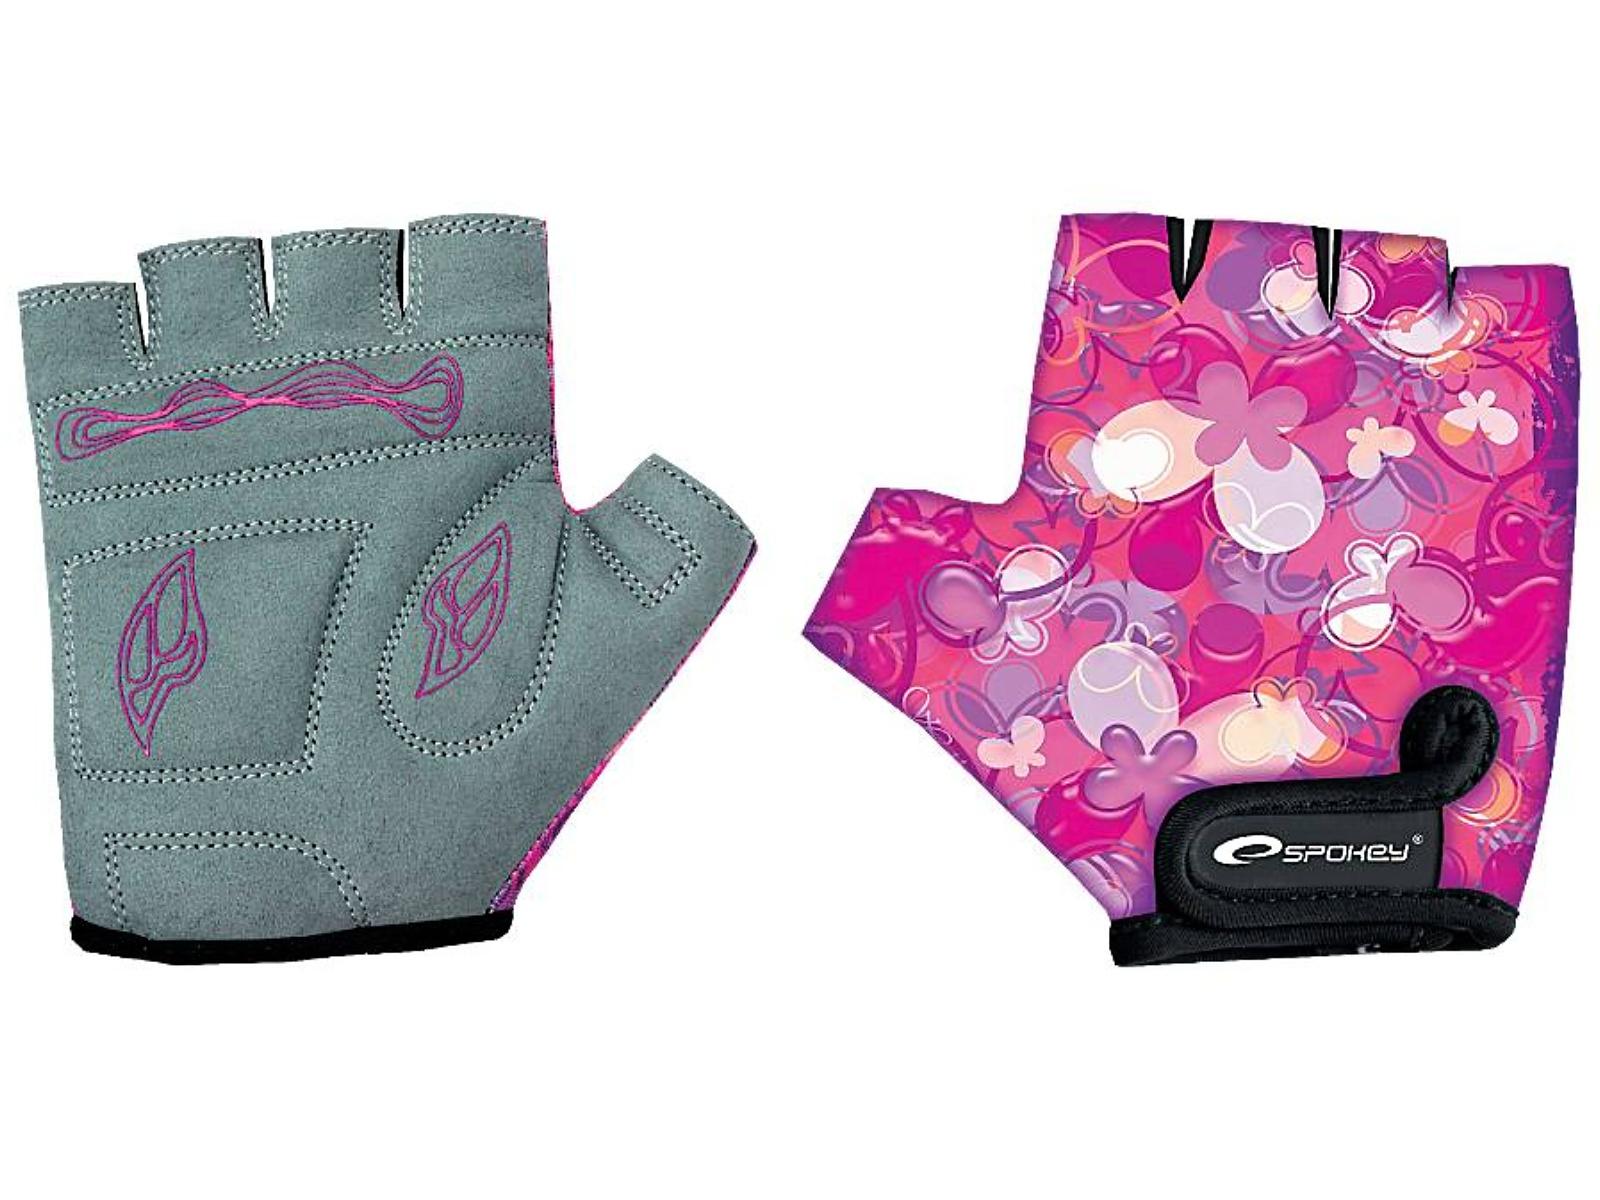 Cyklo rukavice SPOKEY Lucky Glove dětské - XS